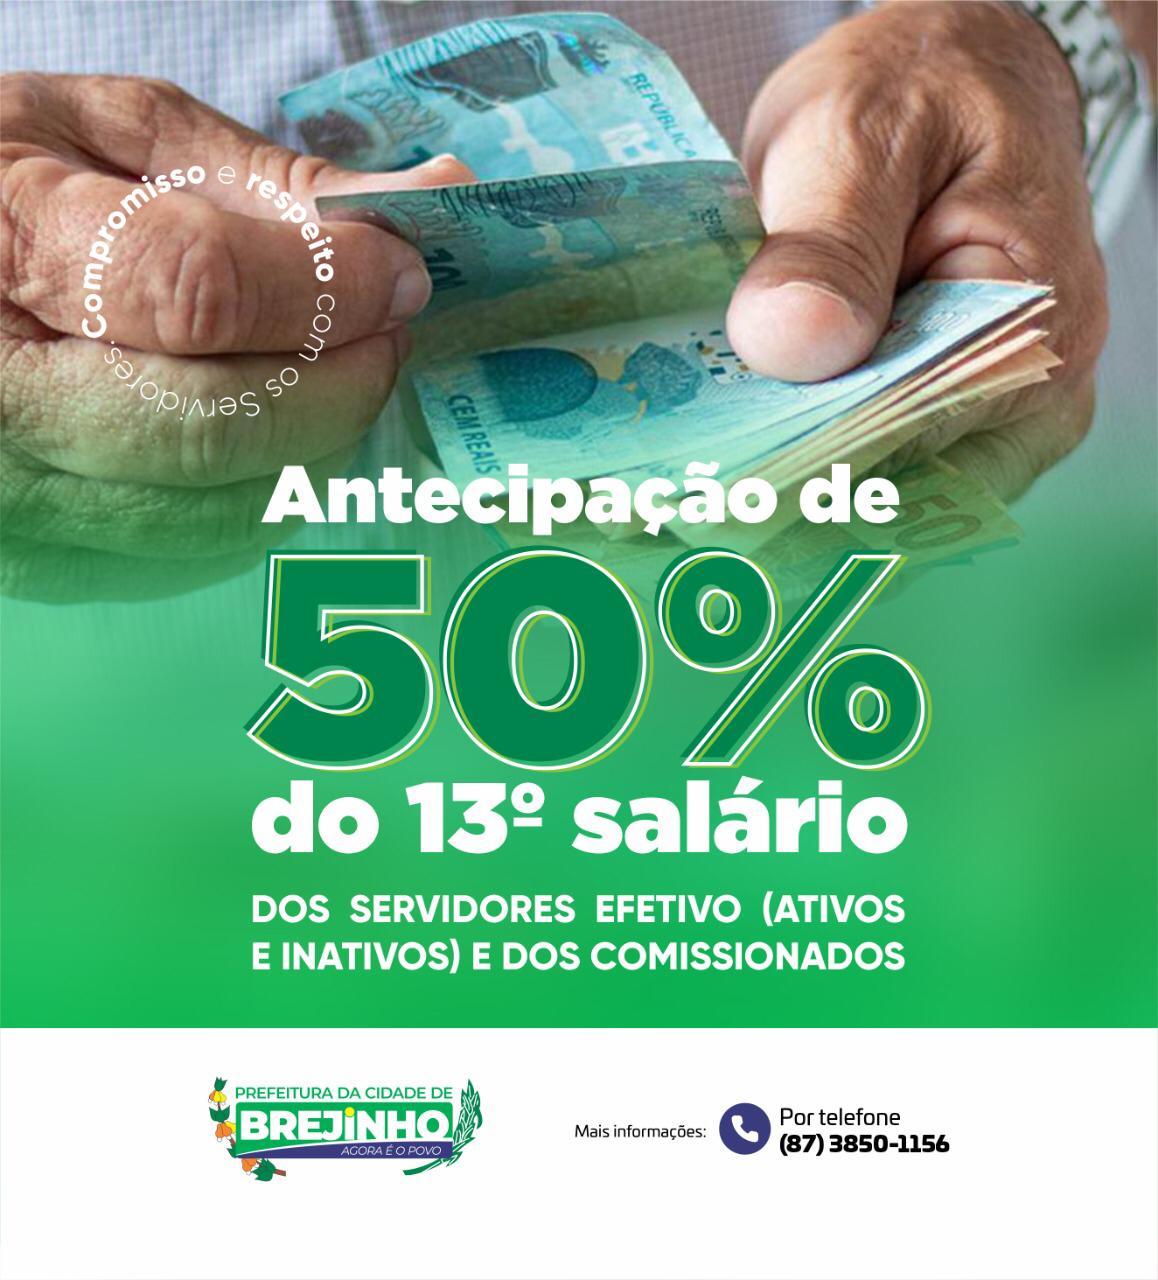 Brejinho anuncia antecipação de 50% do 13º salário para os servidores municipais